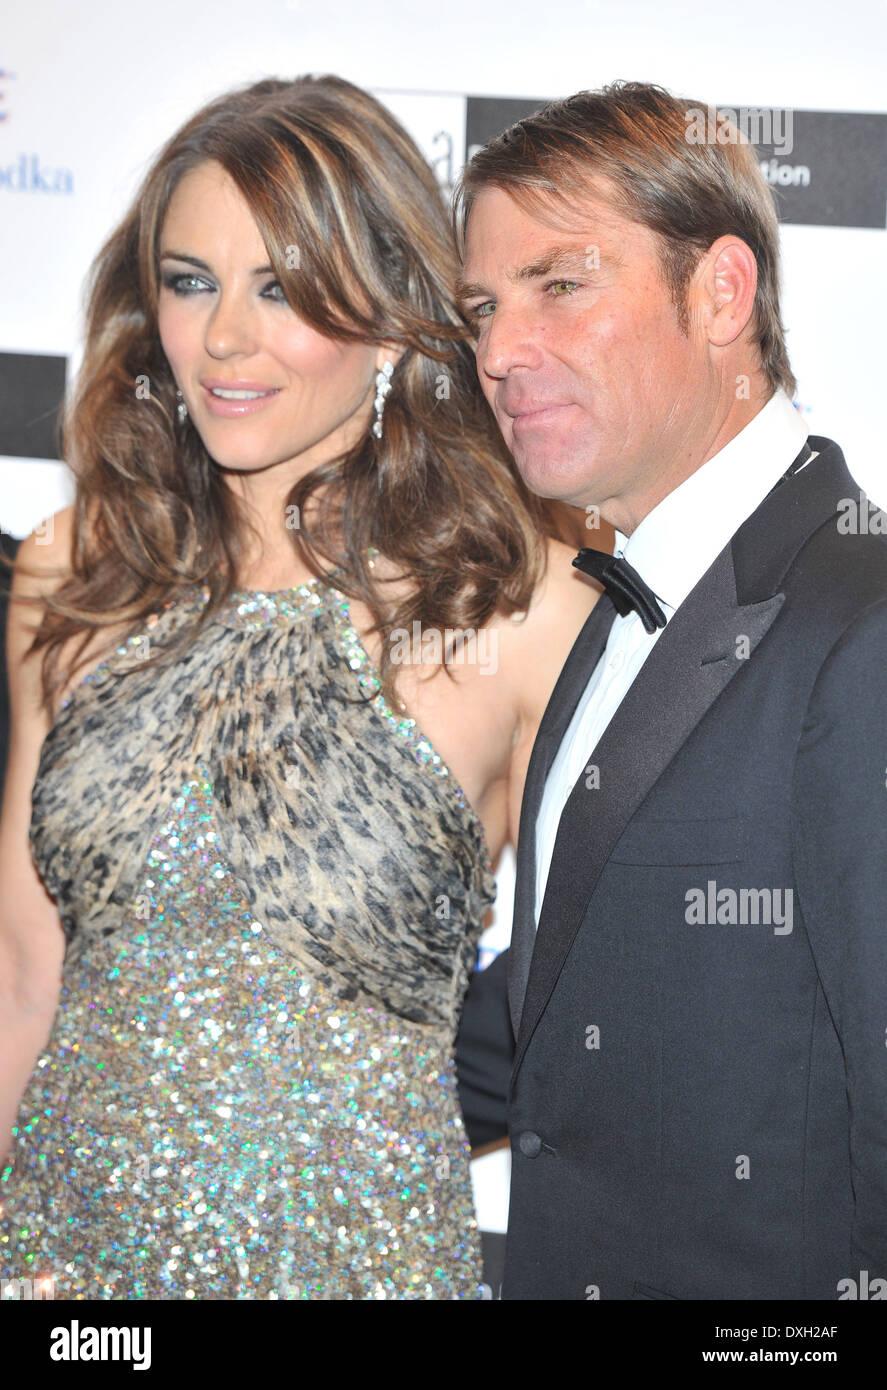 Elizabeth Hurley Shane Warne The Elton John Aids Foundation Grey